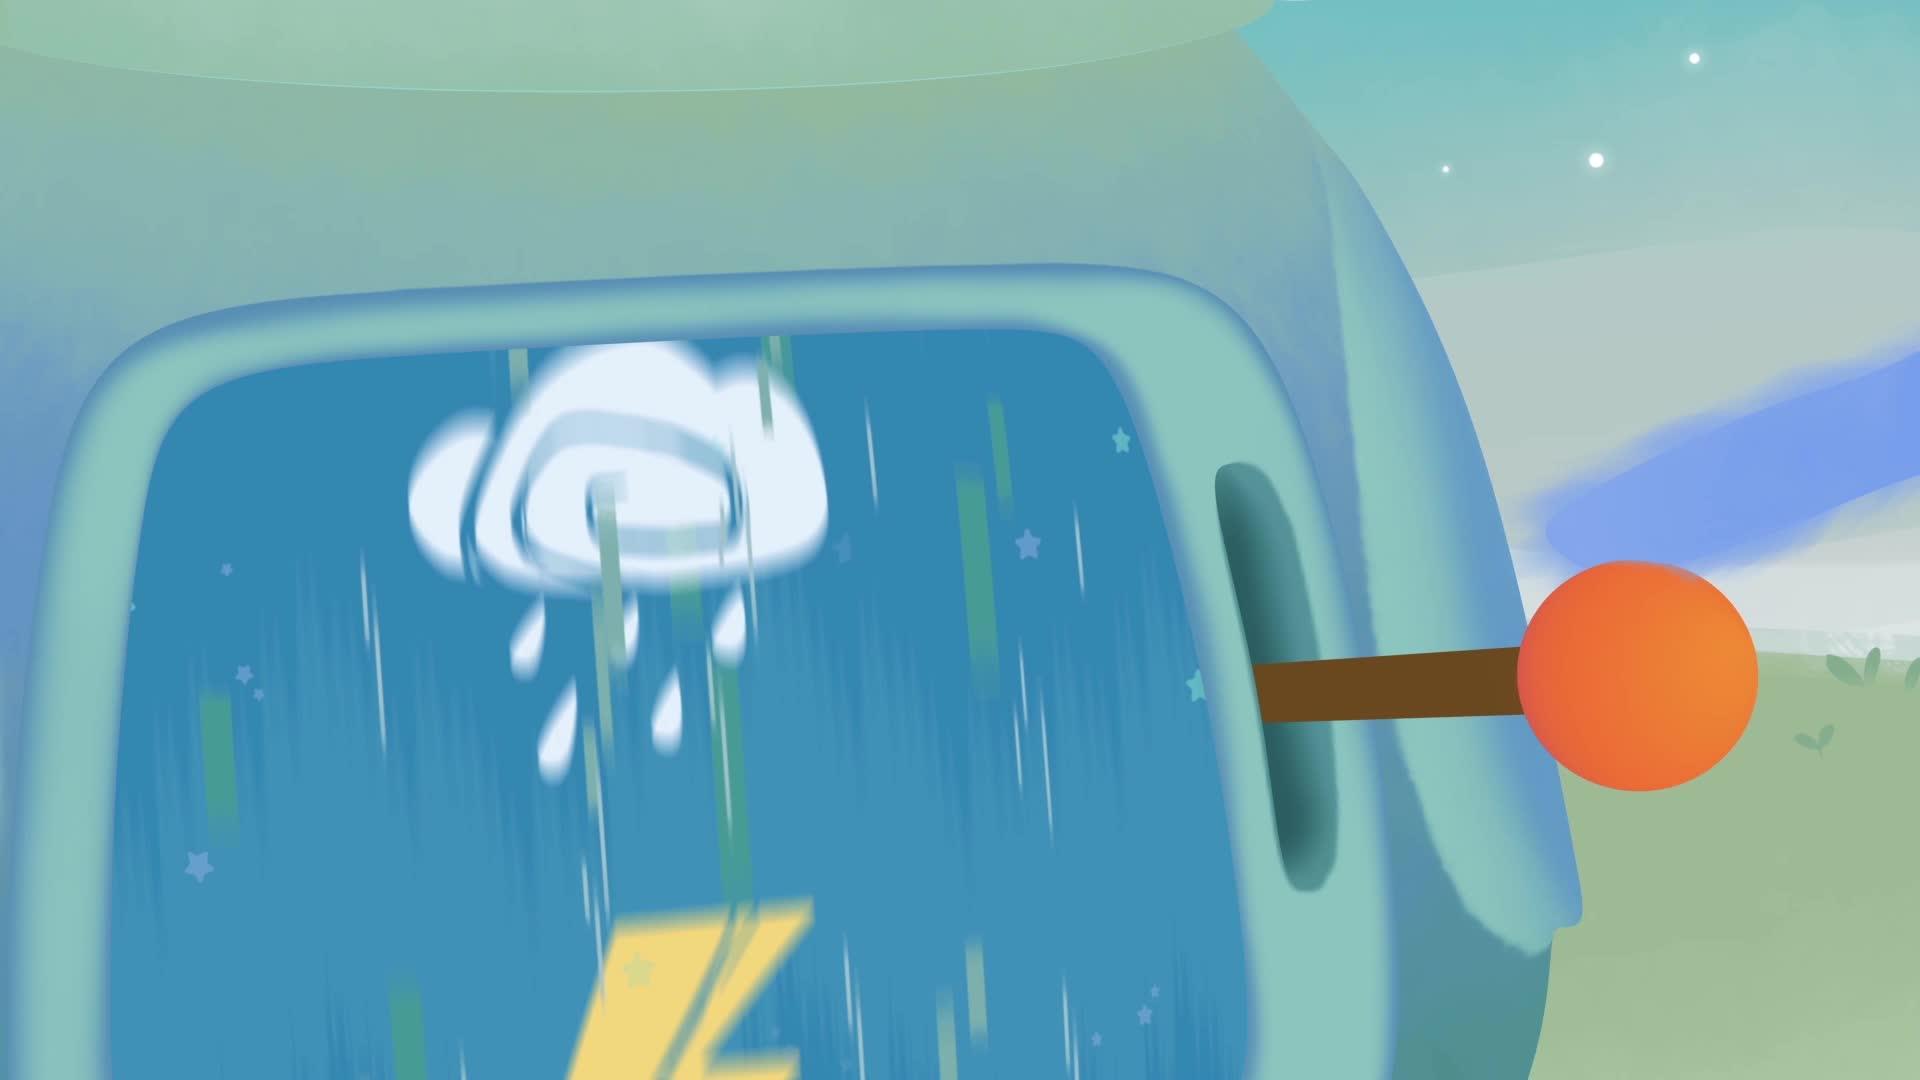 《小鸡彩虹》 第六季 22天气预报员